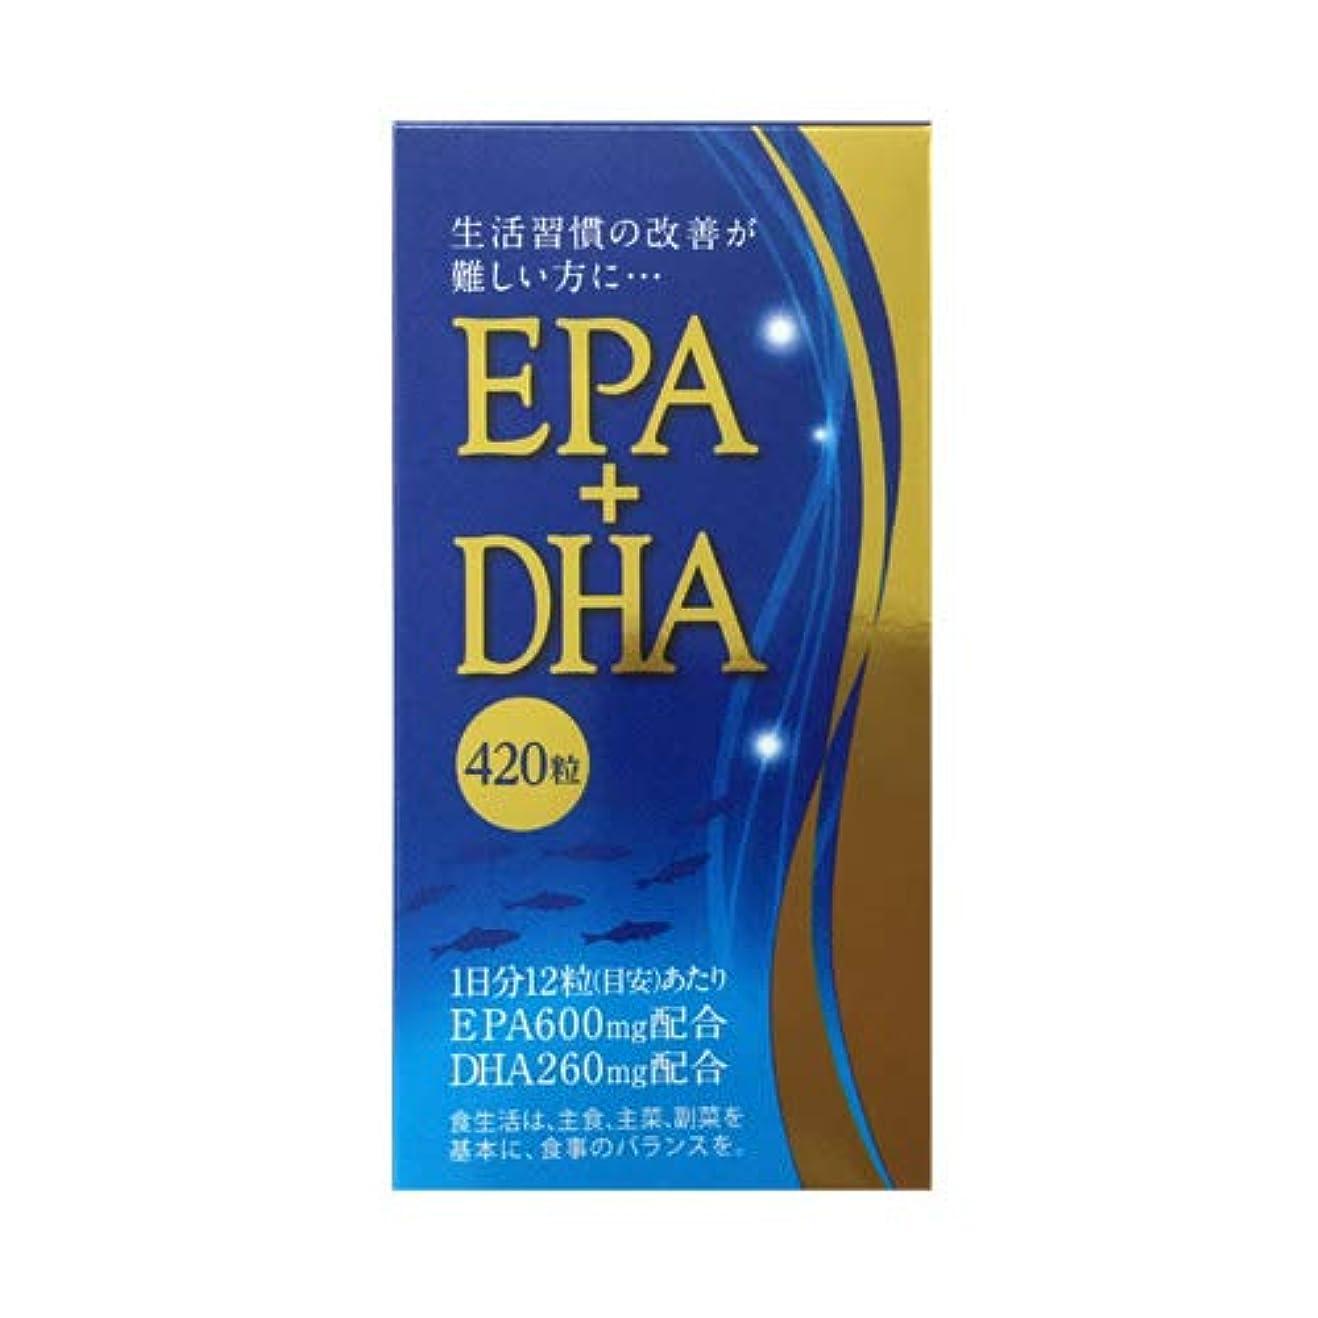 ツイン動物受取人EPA+DHA 420粒